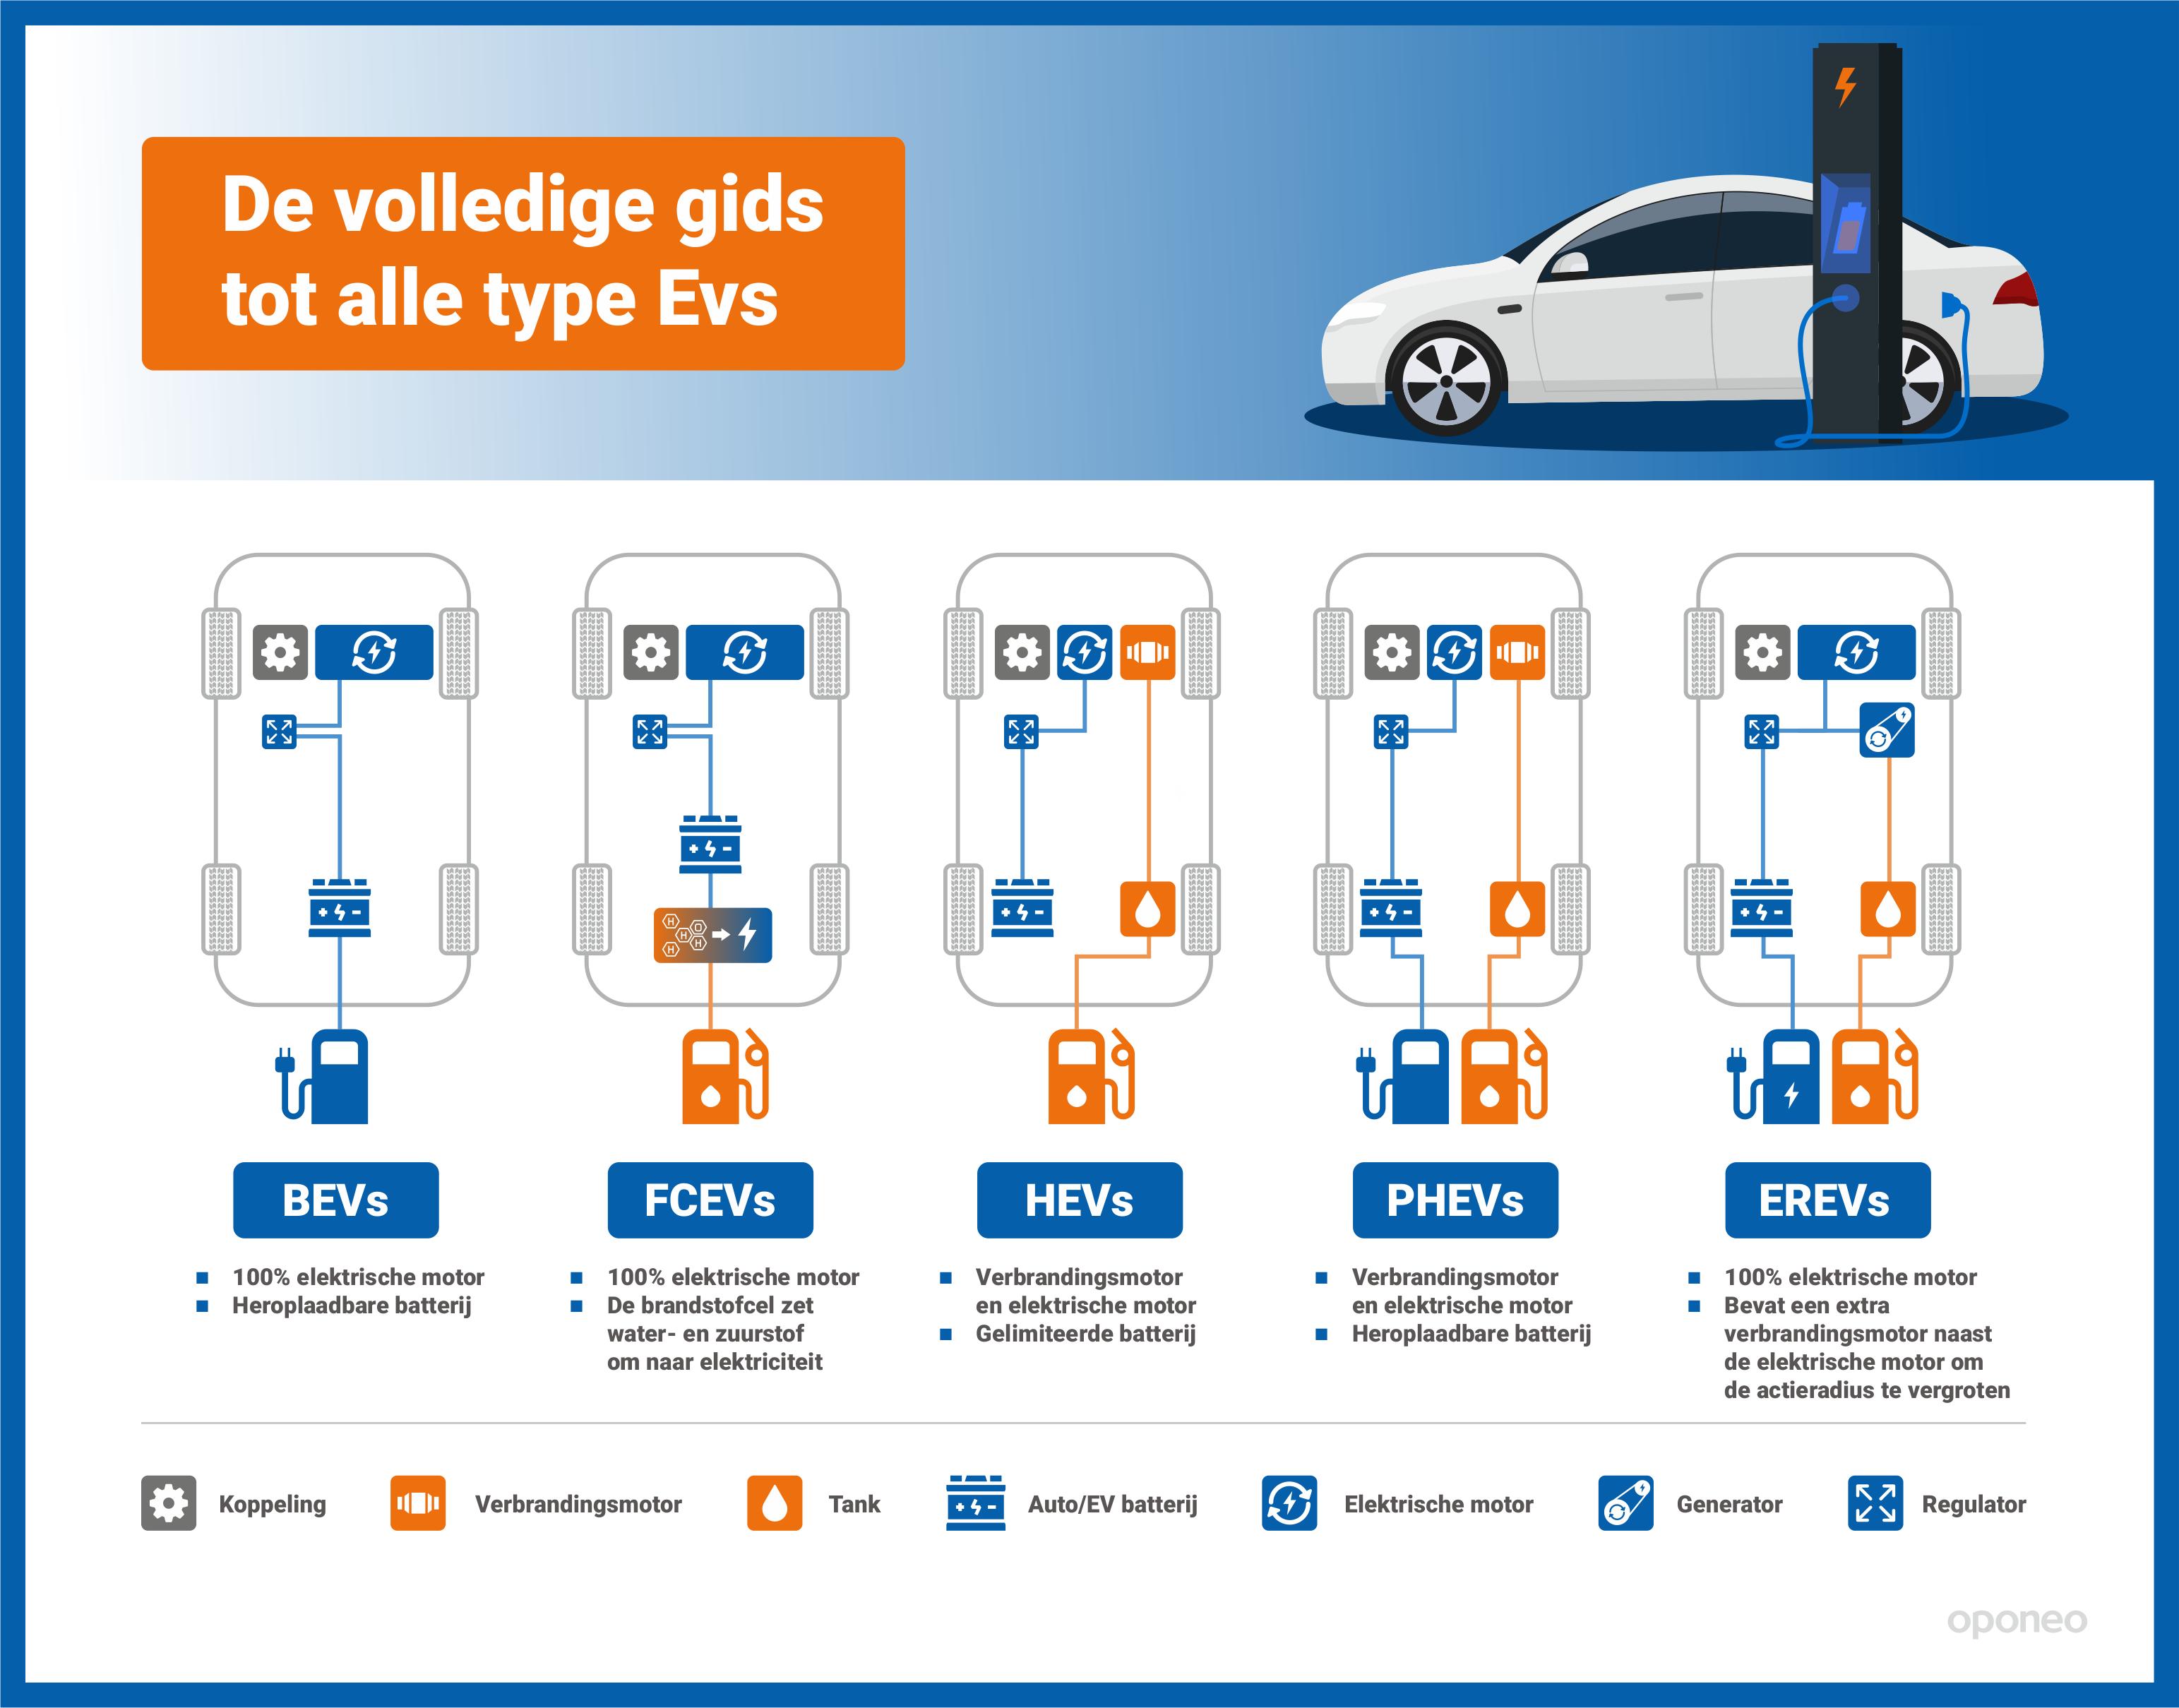 De volledige gids tot alle type EVs   De elektrische auto in Europa; hoe gaat het nou eigenlijk?